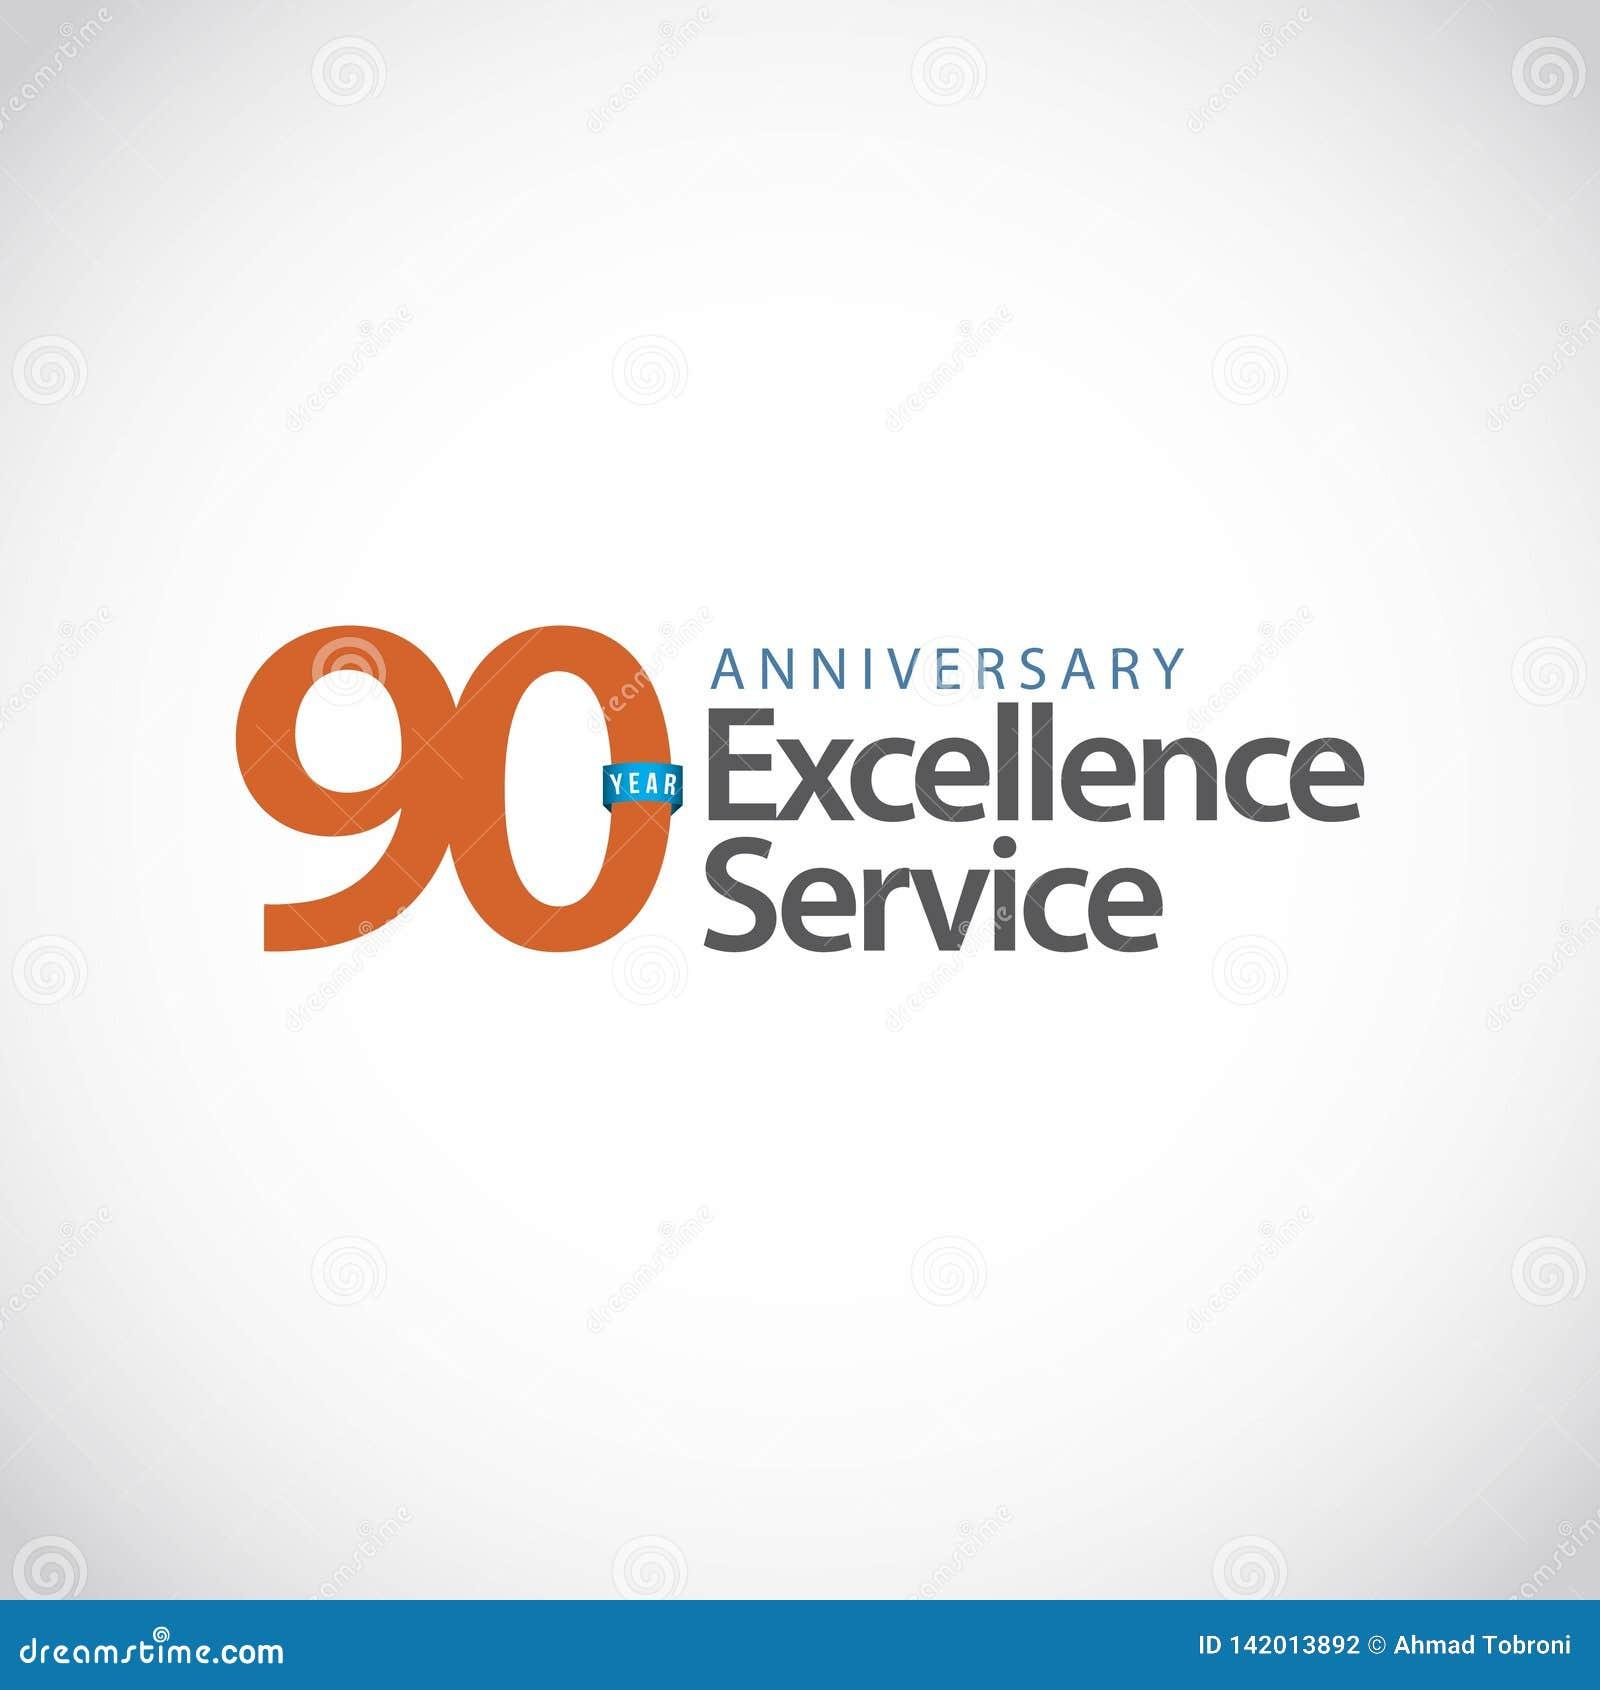 Иллюстрация дизайна шаблона вектора обслуживания высокого профессионализма годовщины 90 год